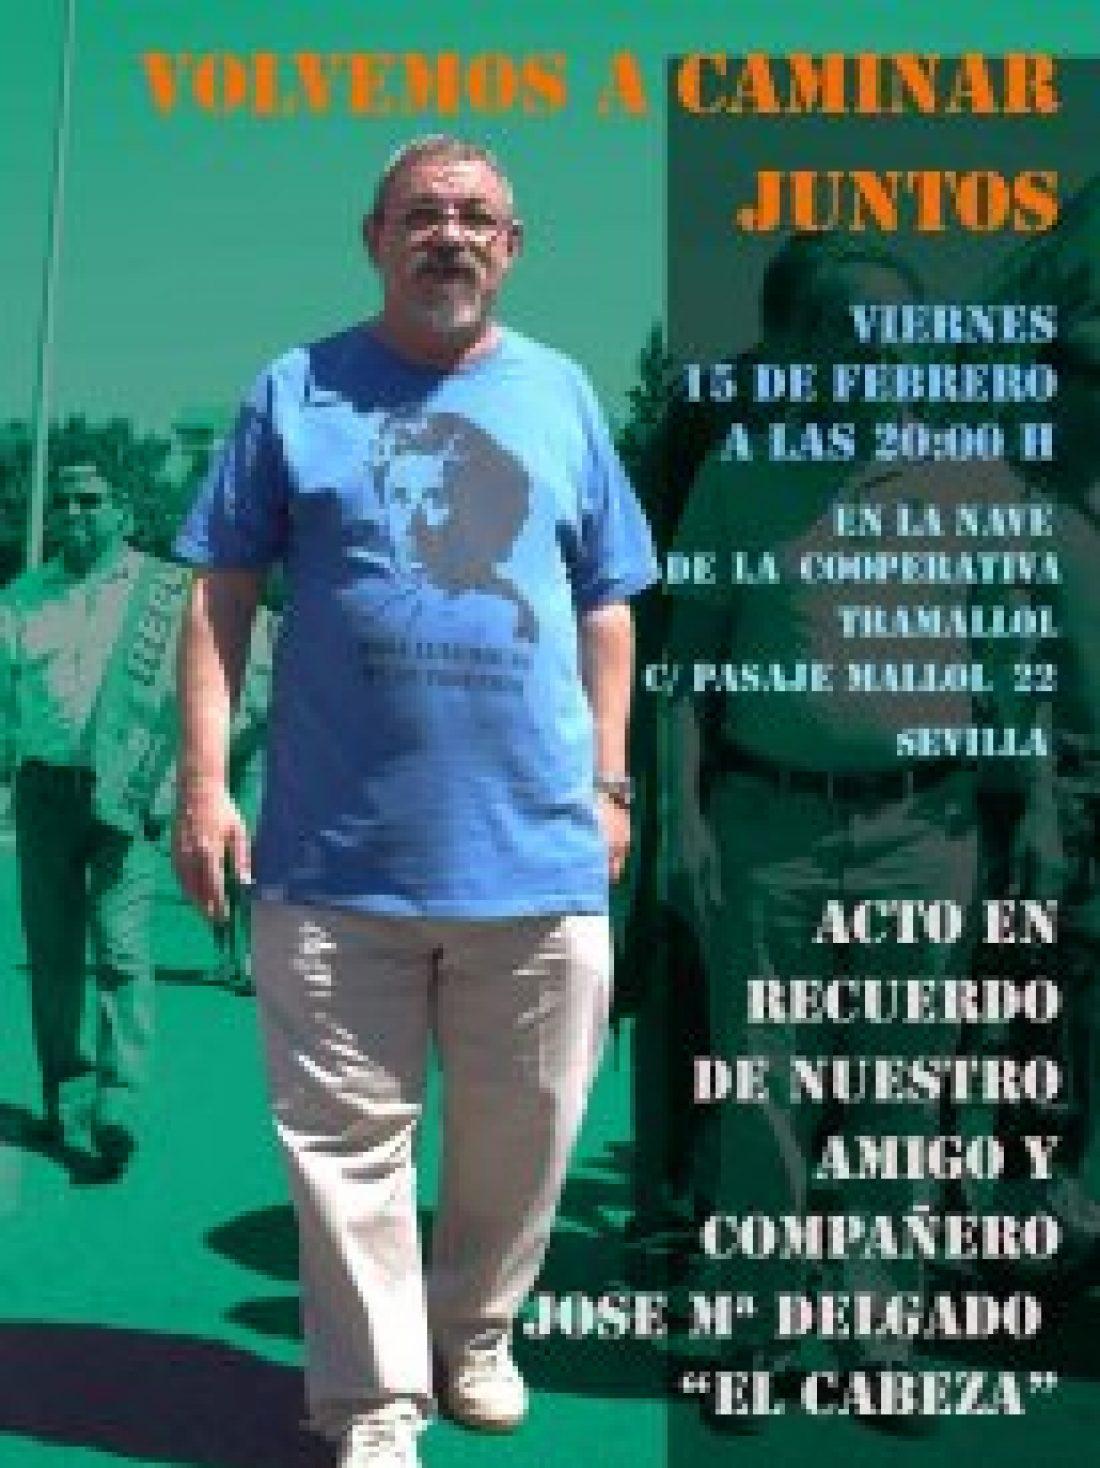 Sevilla. 15 de Febrero, Homenaje a José María Delgado «El cabeza»